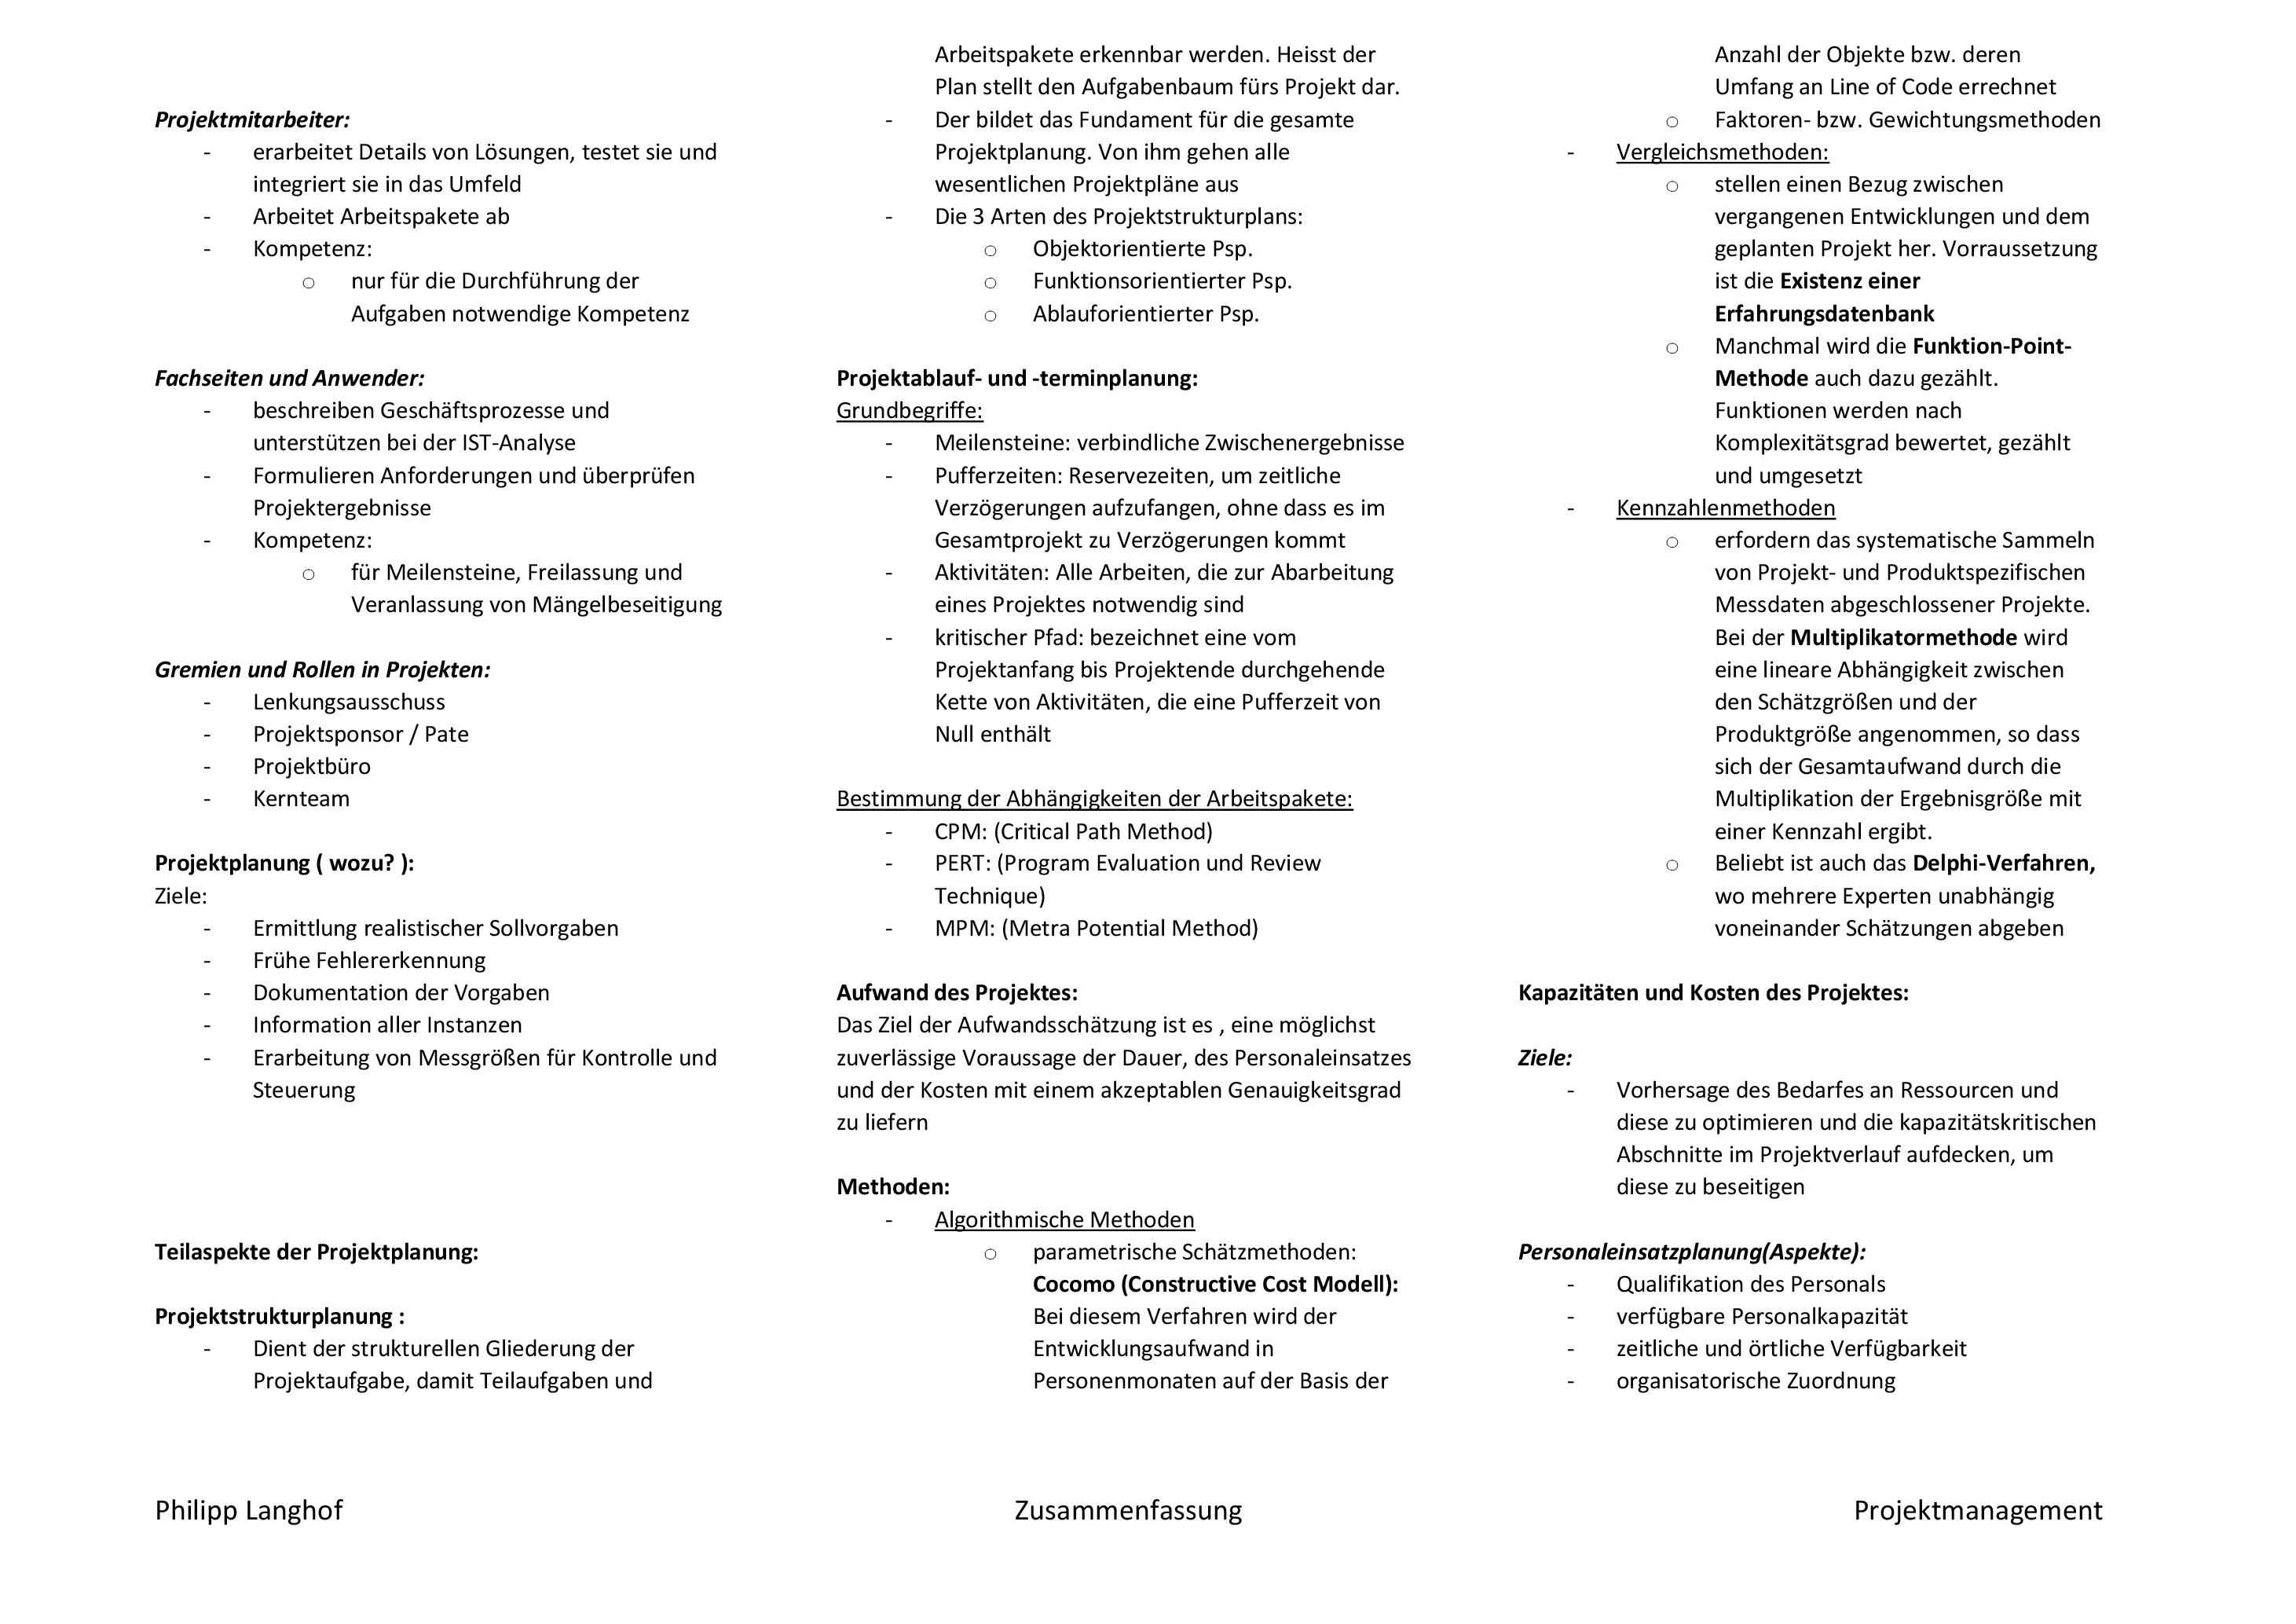 Projektmanagement-Zusammenfassung-Philipp-003 Zusammenfassung Projektmanagement